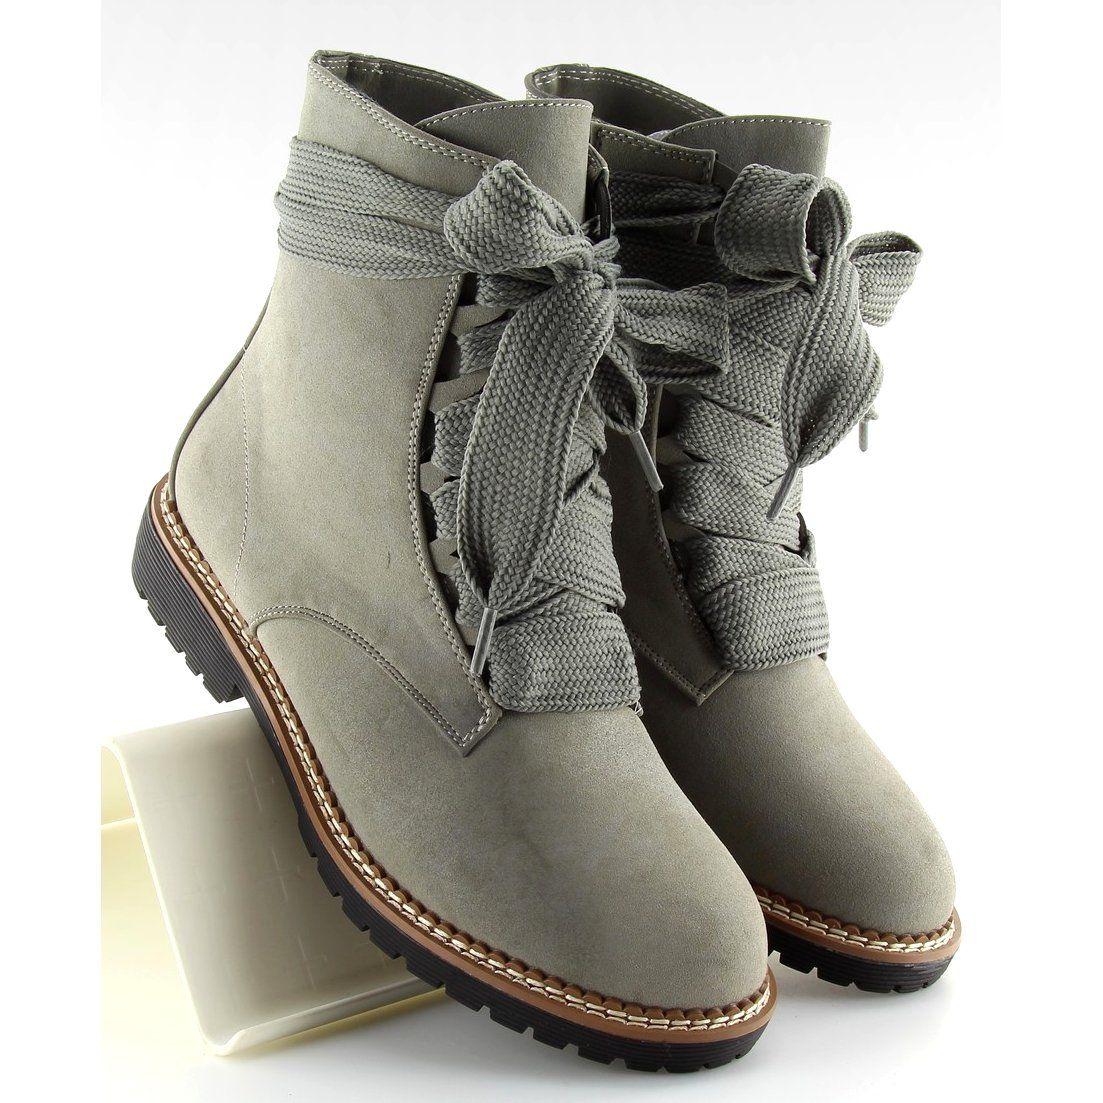 Botki Damskie Obuwiedamskie Botki Sznurowane Szare 8308 Grey Obuwie Damskie Boots Snow Boots Women Winter Boots Women